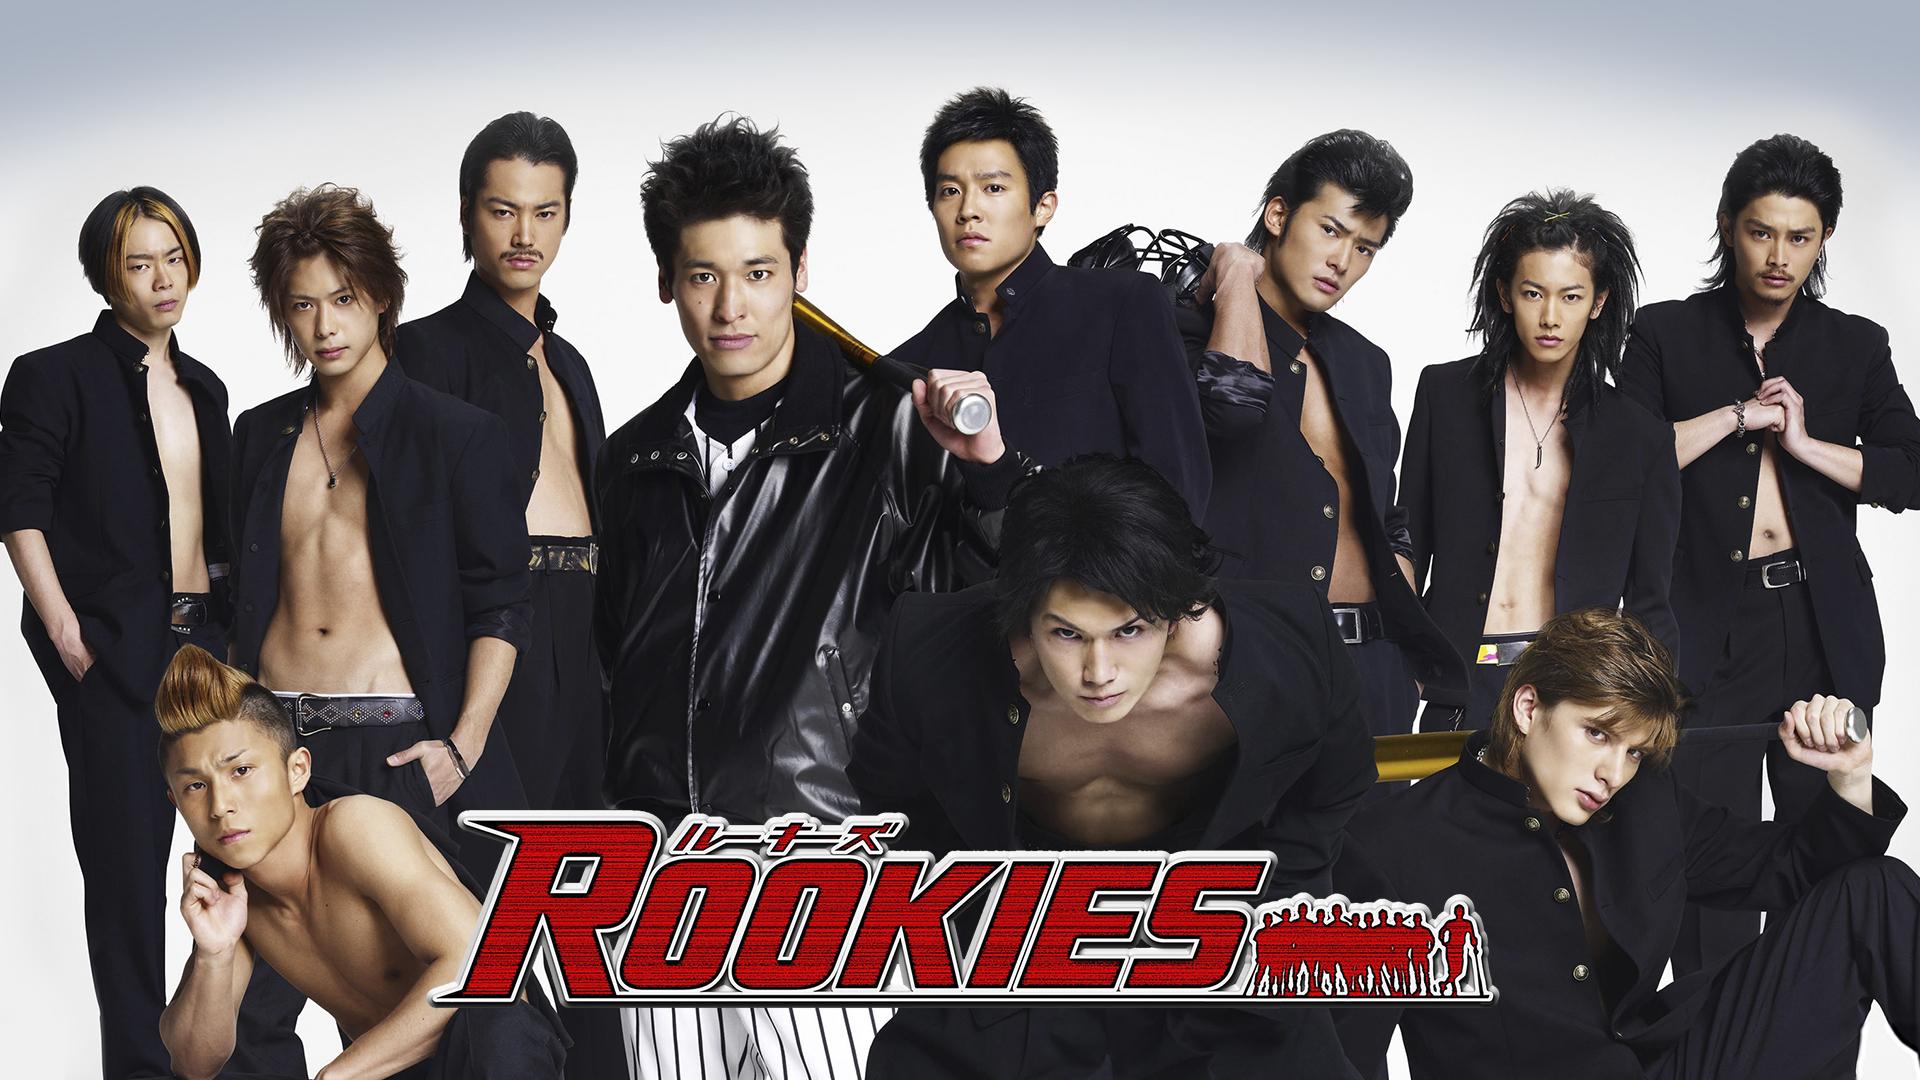 ドラマ『ROOKIES』無料動画!フル視聴を見逃し配信で!第1話から最終回・再放送まとめ